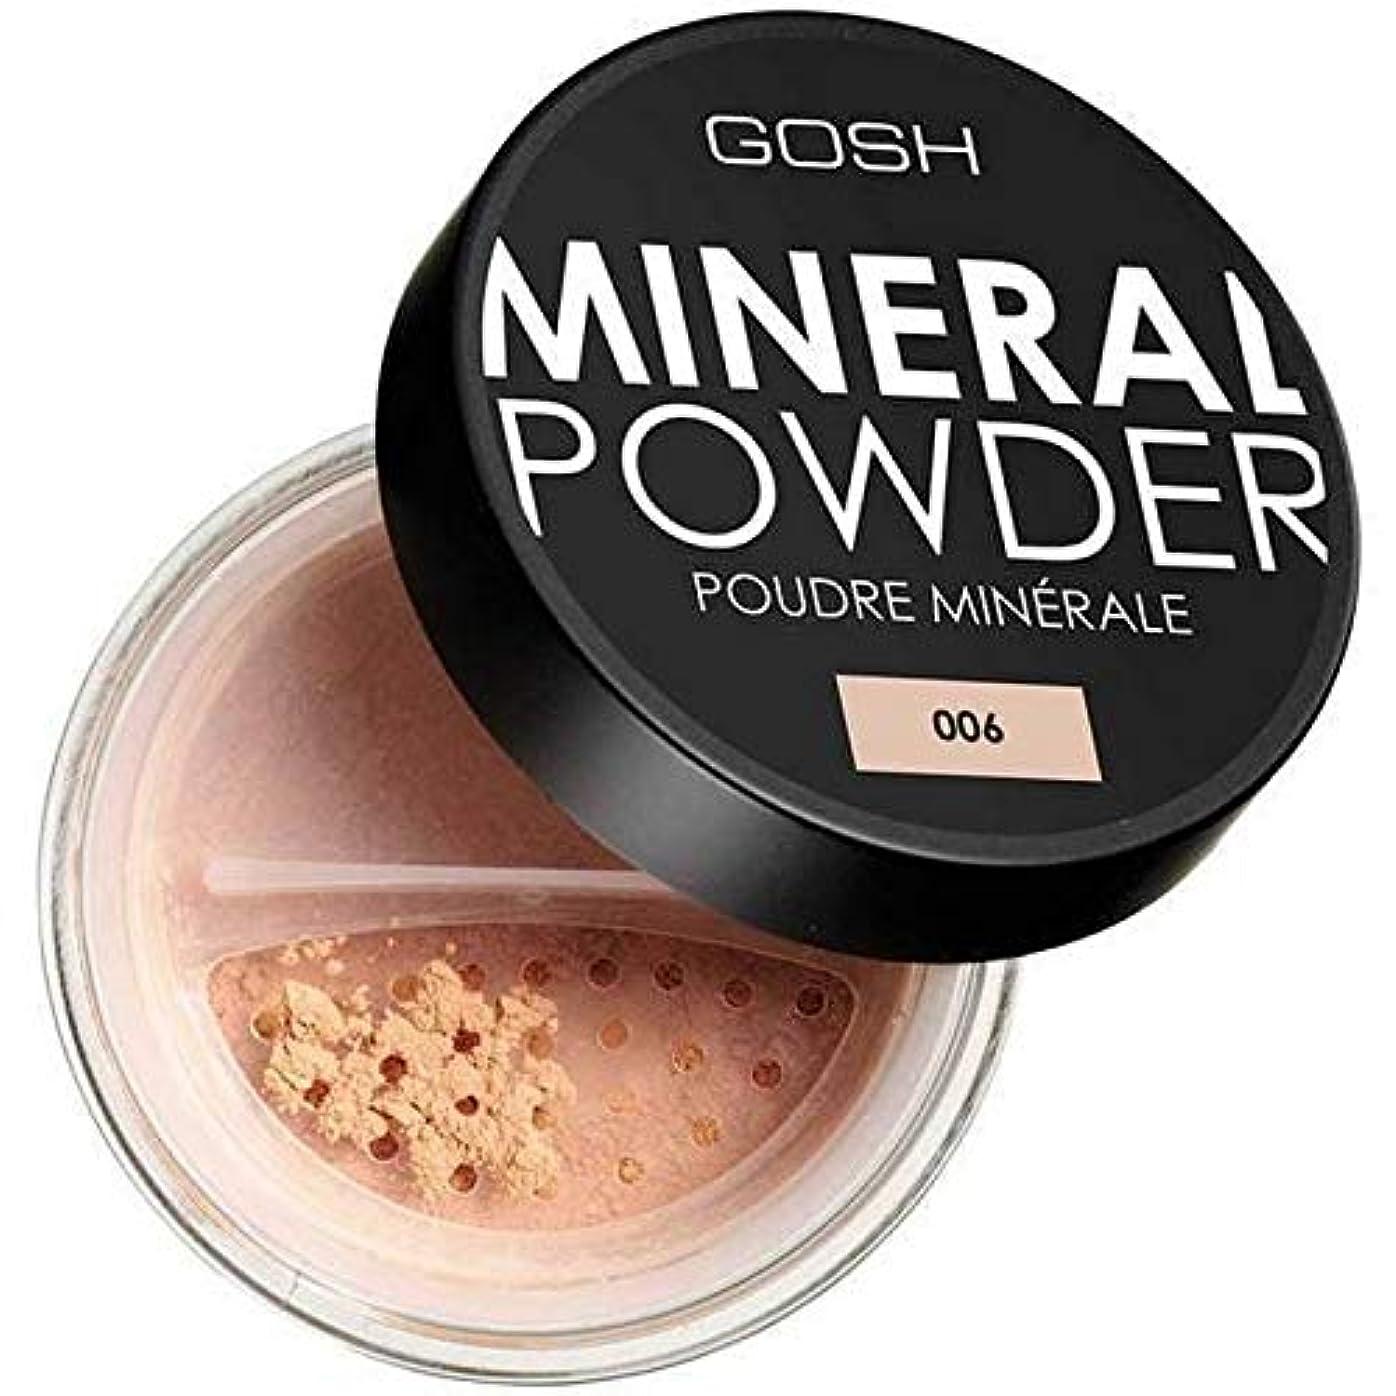 インペリアルフェンスヒロイック[GOSH ] おやっミネラルフルカバレッジ基礎粉末蜂蜜006 - GOSH Mineral Full Coverage Foundation Powder Honey 006 [並行輸入品]